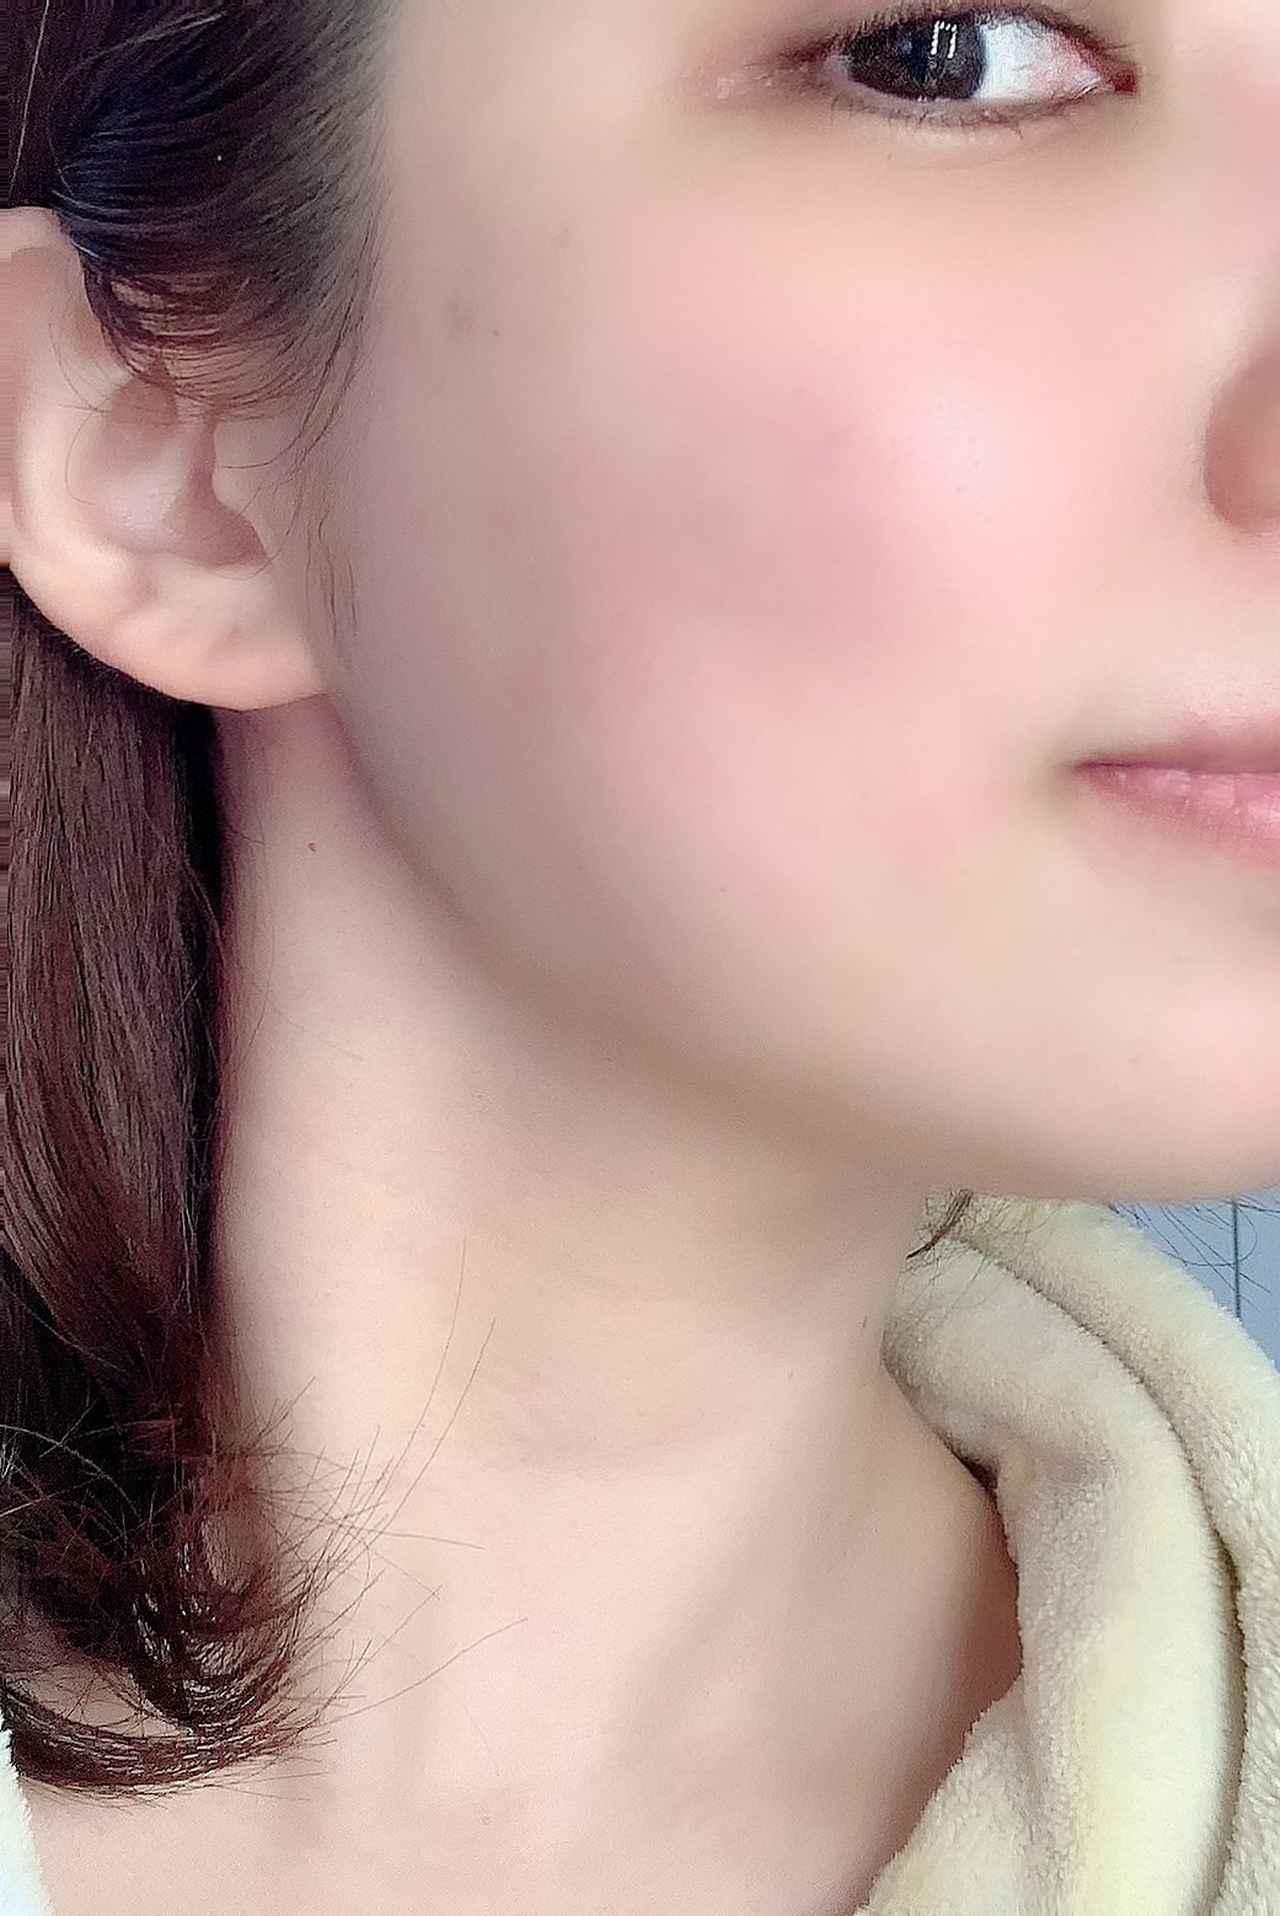 画像: 使用後すぐのスッピン肌をパシャリ!肌が本当になめらかでスベスベに♪